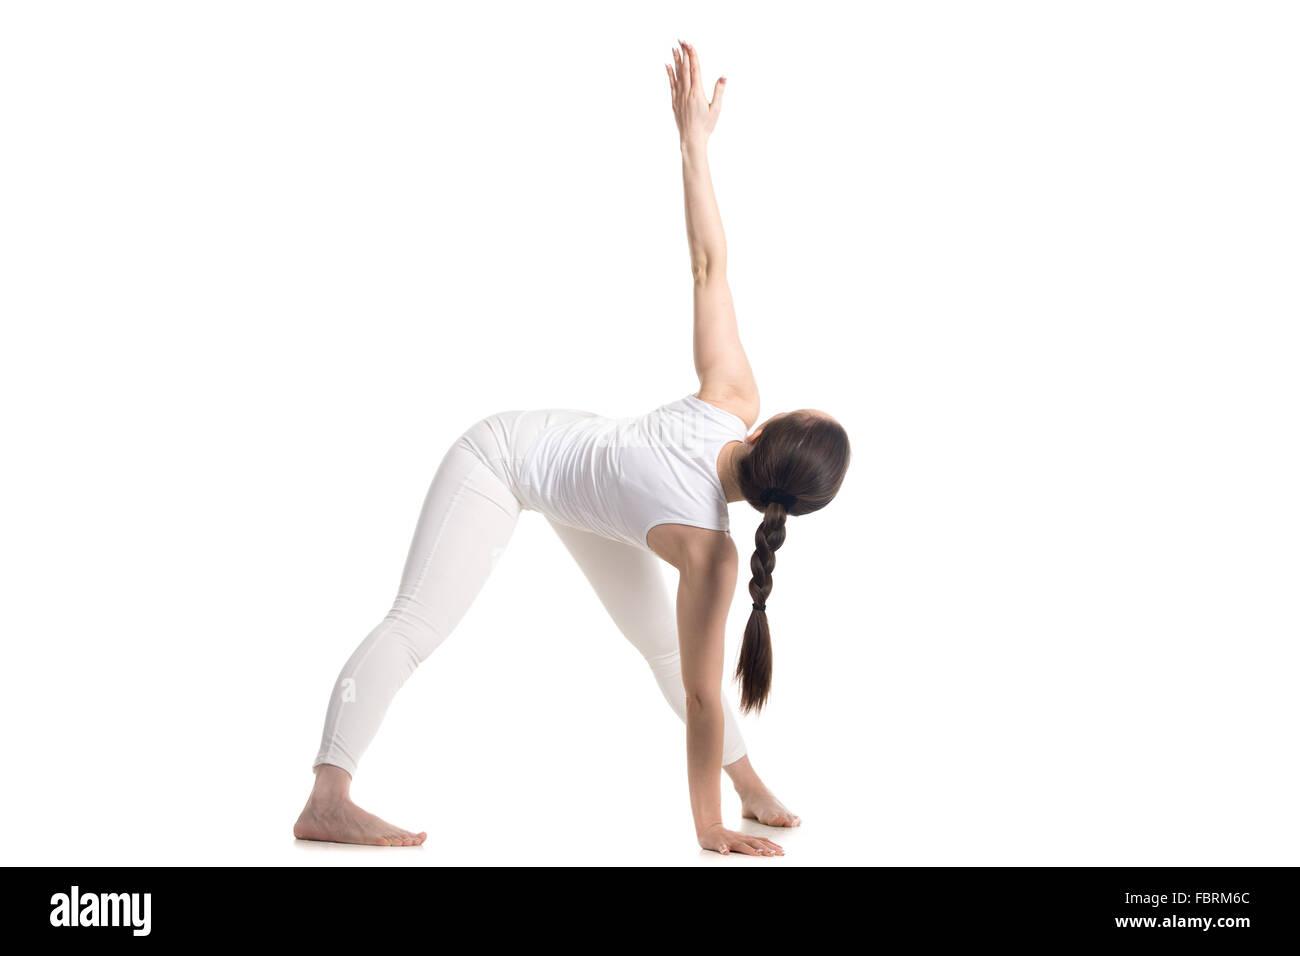 Hermosa joven deportivo en blanco permanente de ropa deportiva en una variación del triángulo pose, yoga Imagen De Stock